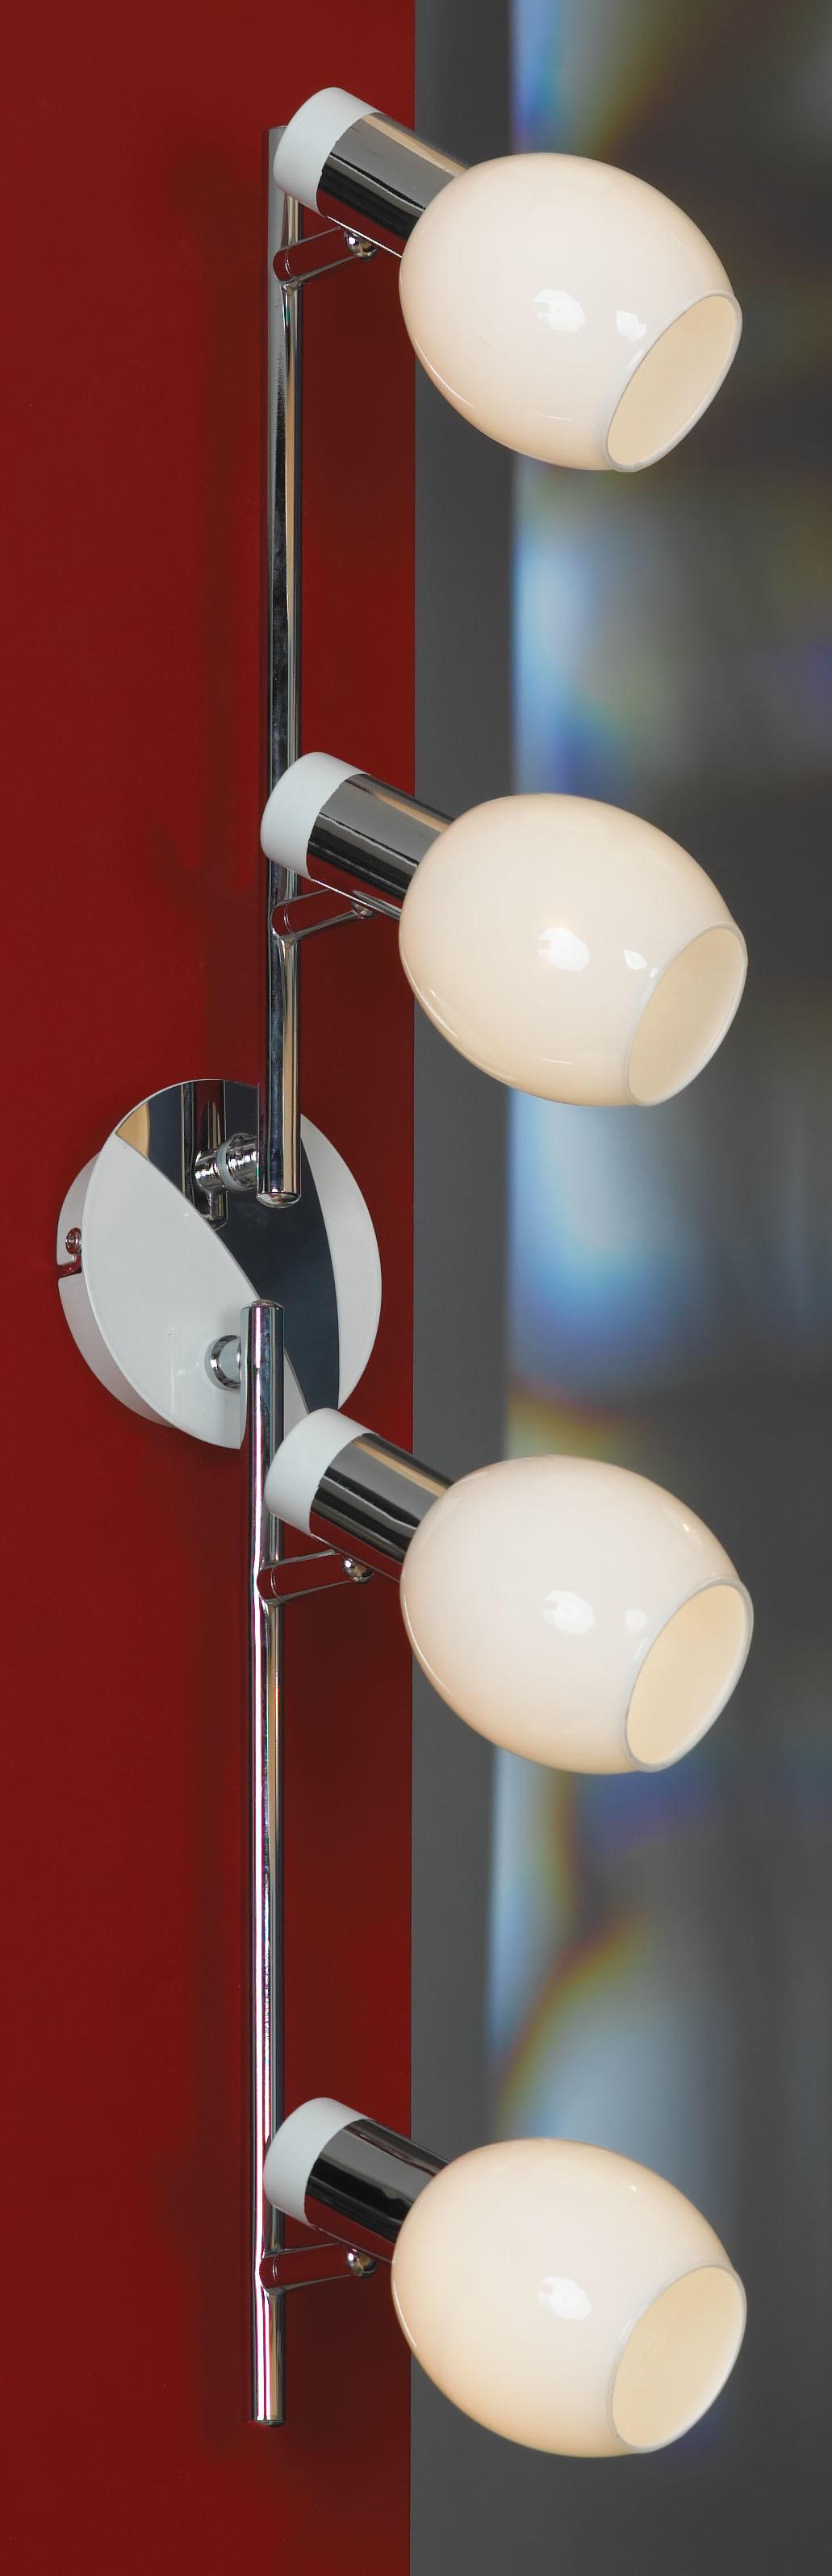 Потолочный светильник с регулировкой направления света Lussole Loft Parma LSX-5009-04, IP21, 4xE14x40W, белый, хром, металл, стекло - фото 1